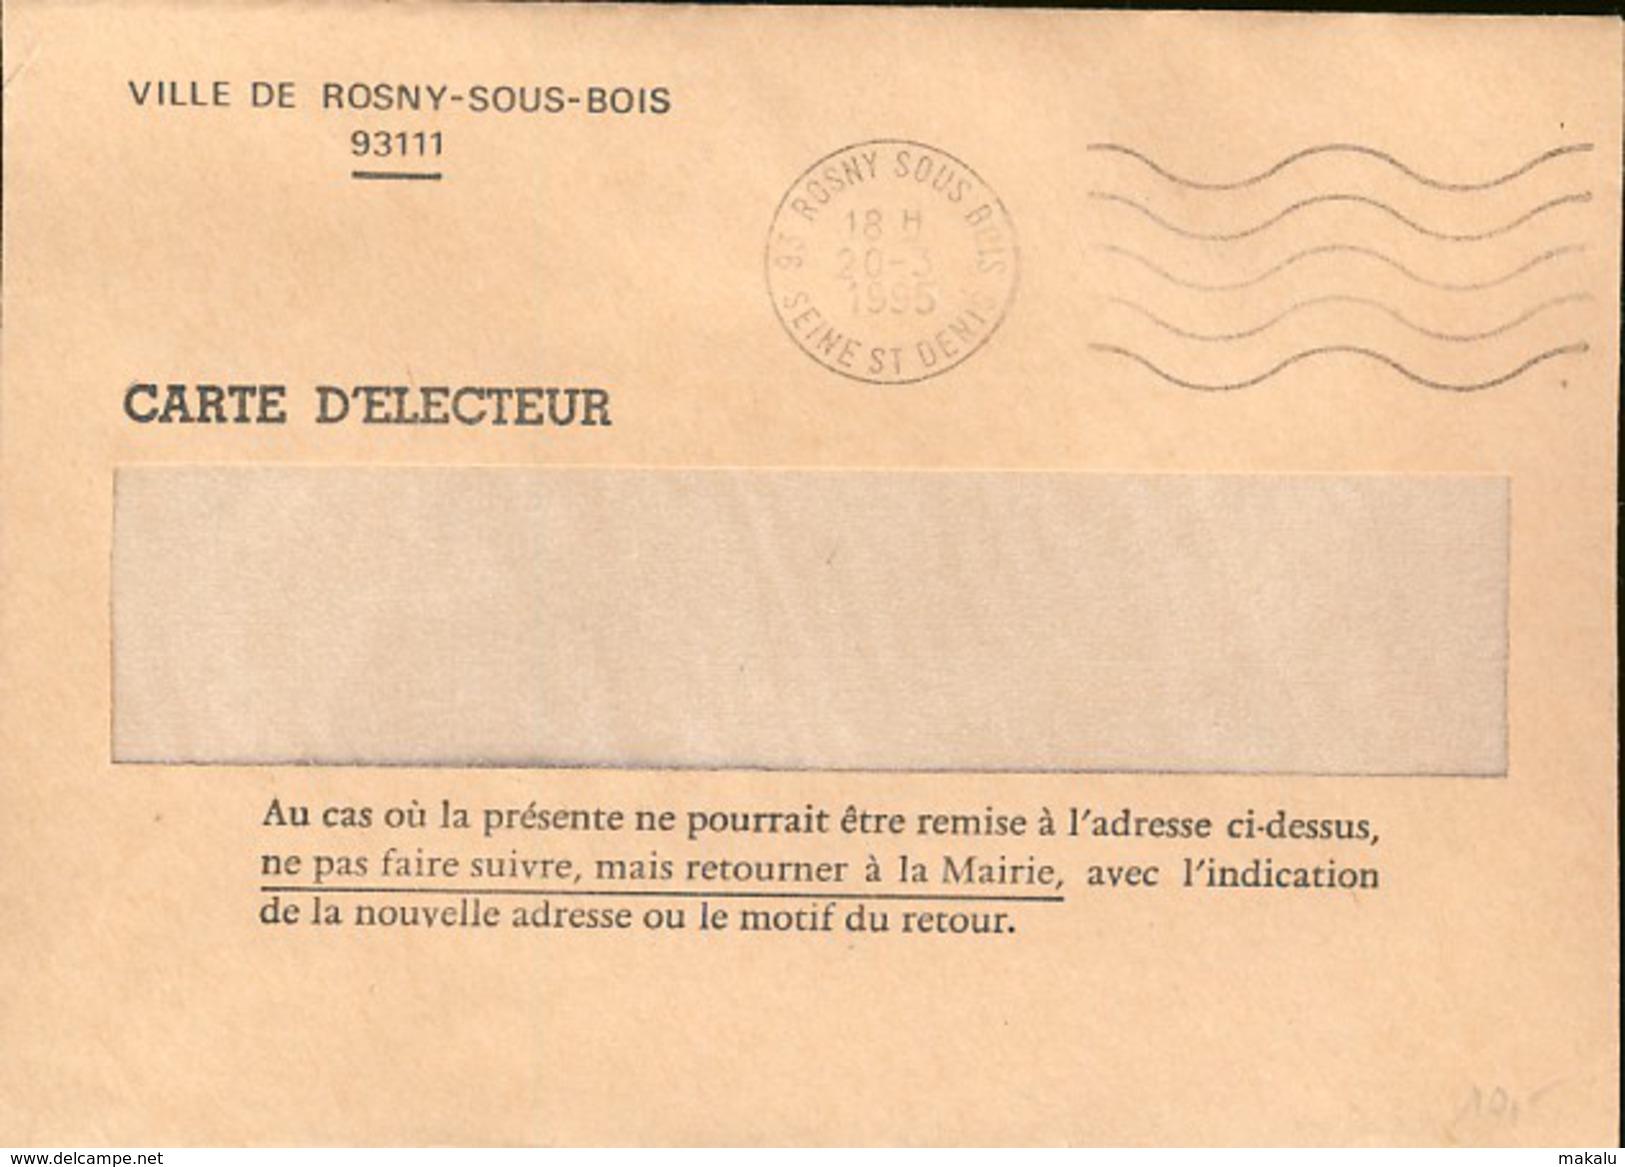 France : Enveloppe Envoi Carte Electeur, Présidentielle De 1995 Chirac (733) - Celebrità